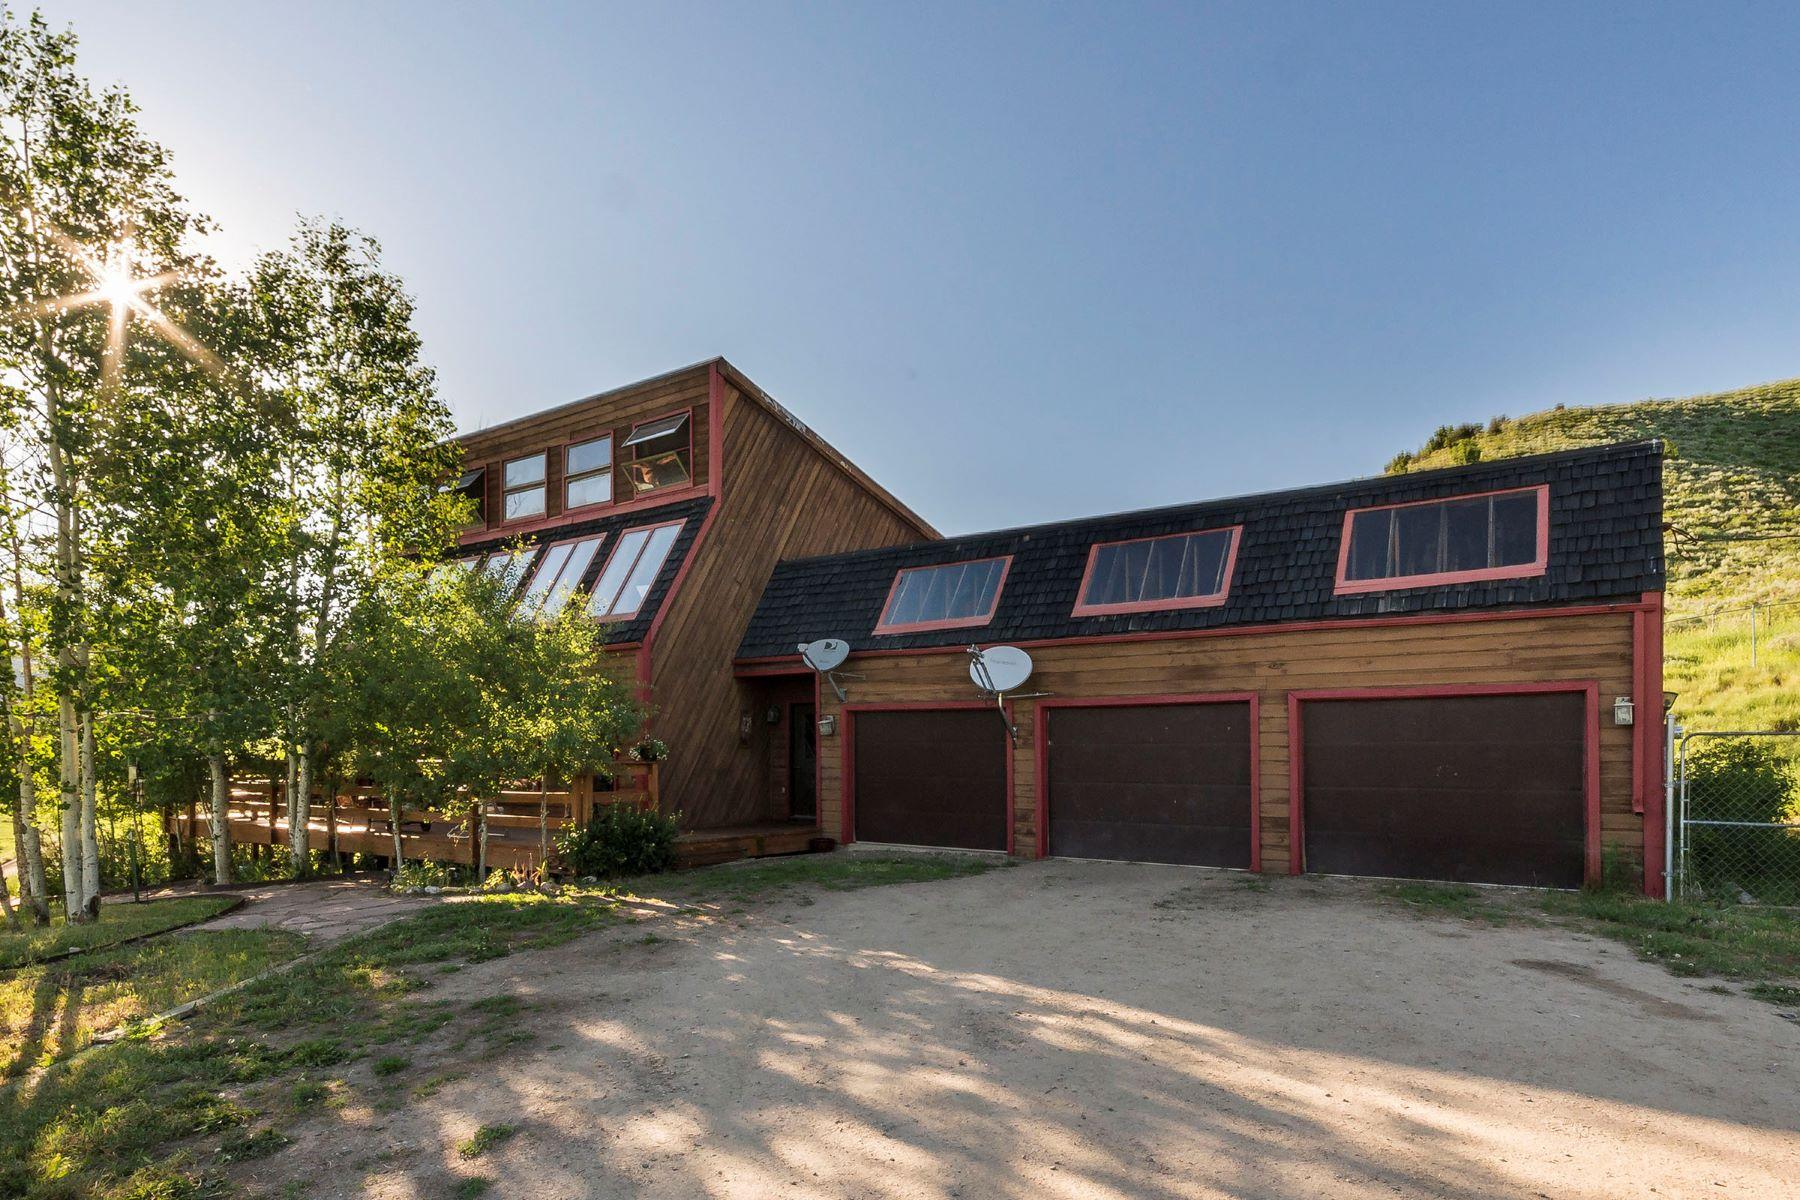 Einfamilienhaus für Verkauf beim 4 Bedroom Home with Privacy 42120 County Rd 46 Steamboat Springs, Colorado, 80487 Vereinigte Staaten